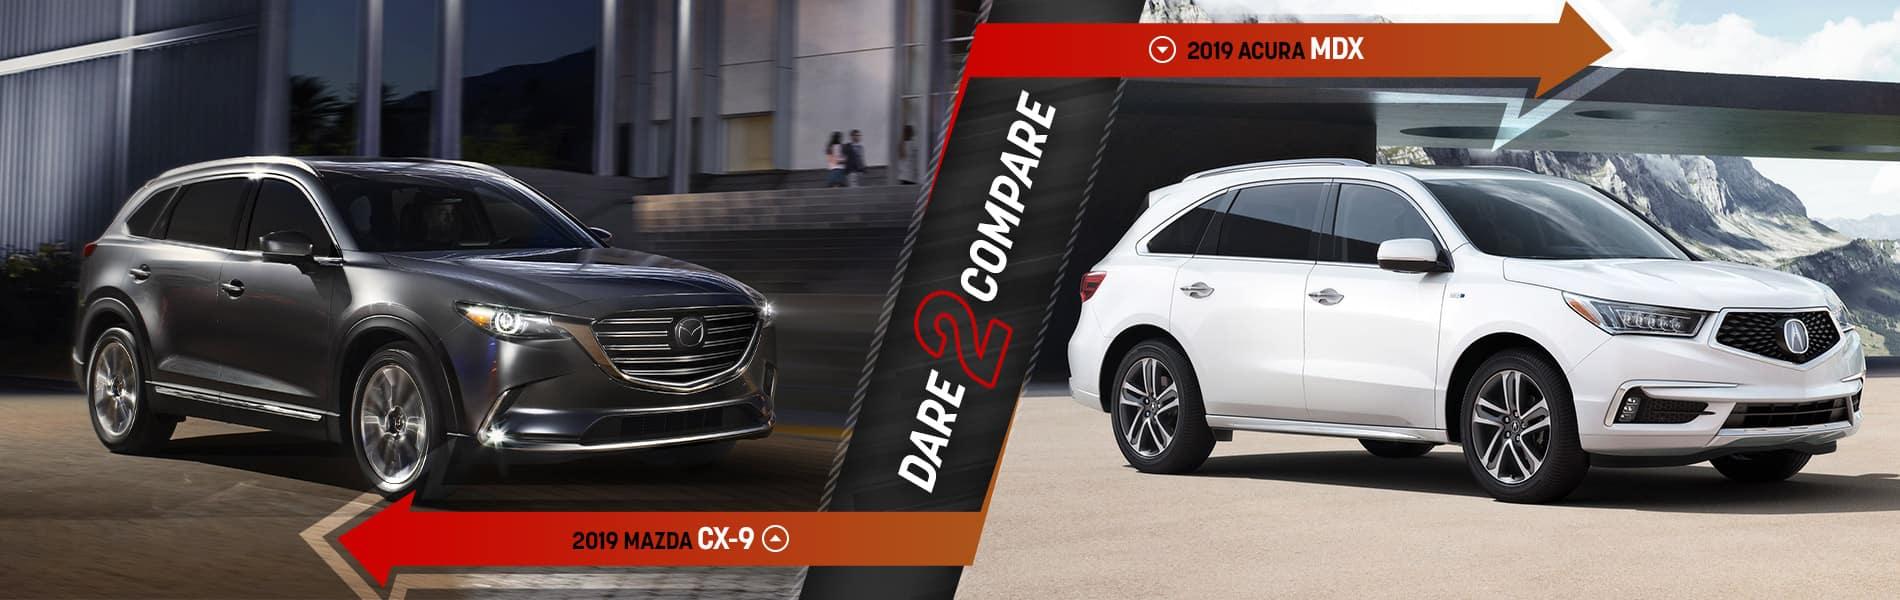 2019 Mazda CX-9 vs. 2019 Acura MDX | Cleveland, OH